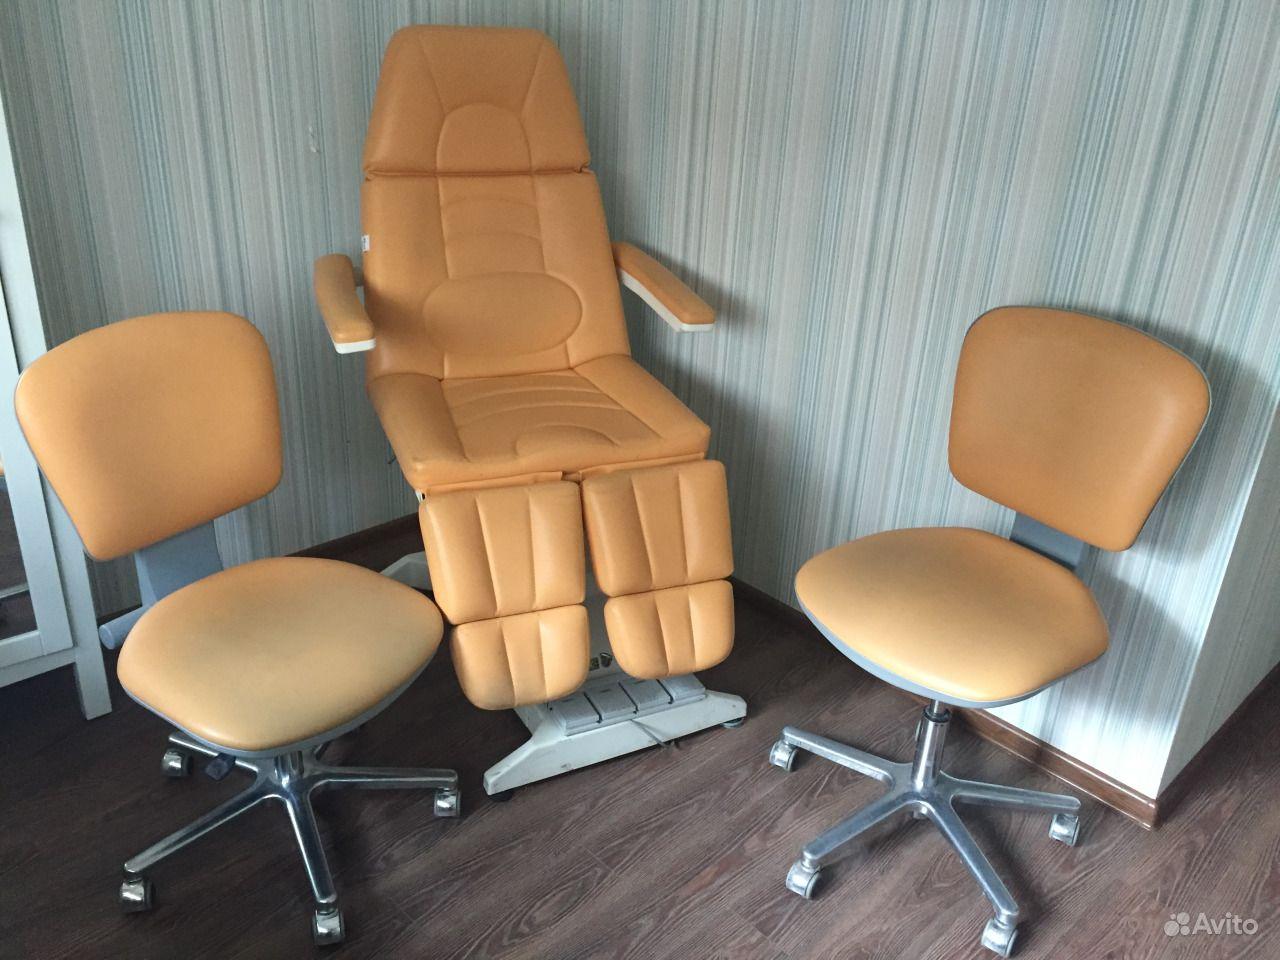 Кресло для педикюра кресло мастера клиента 2 шт. Свердловская область,  Екатеринбург